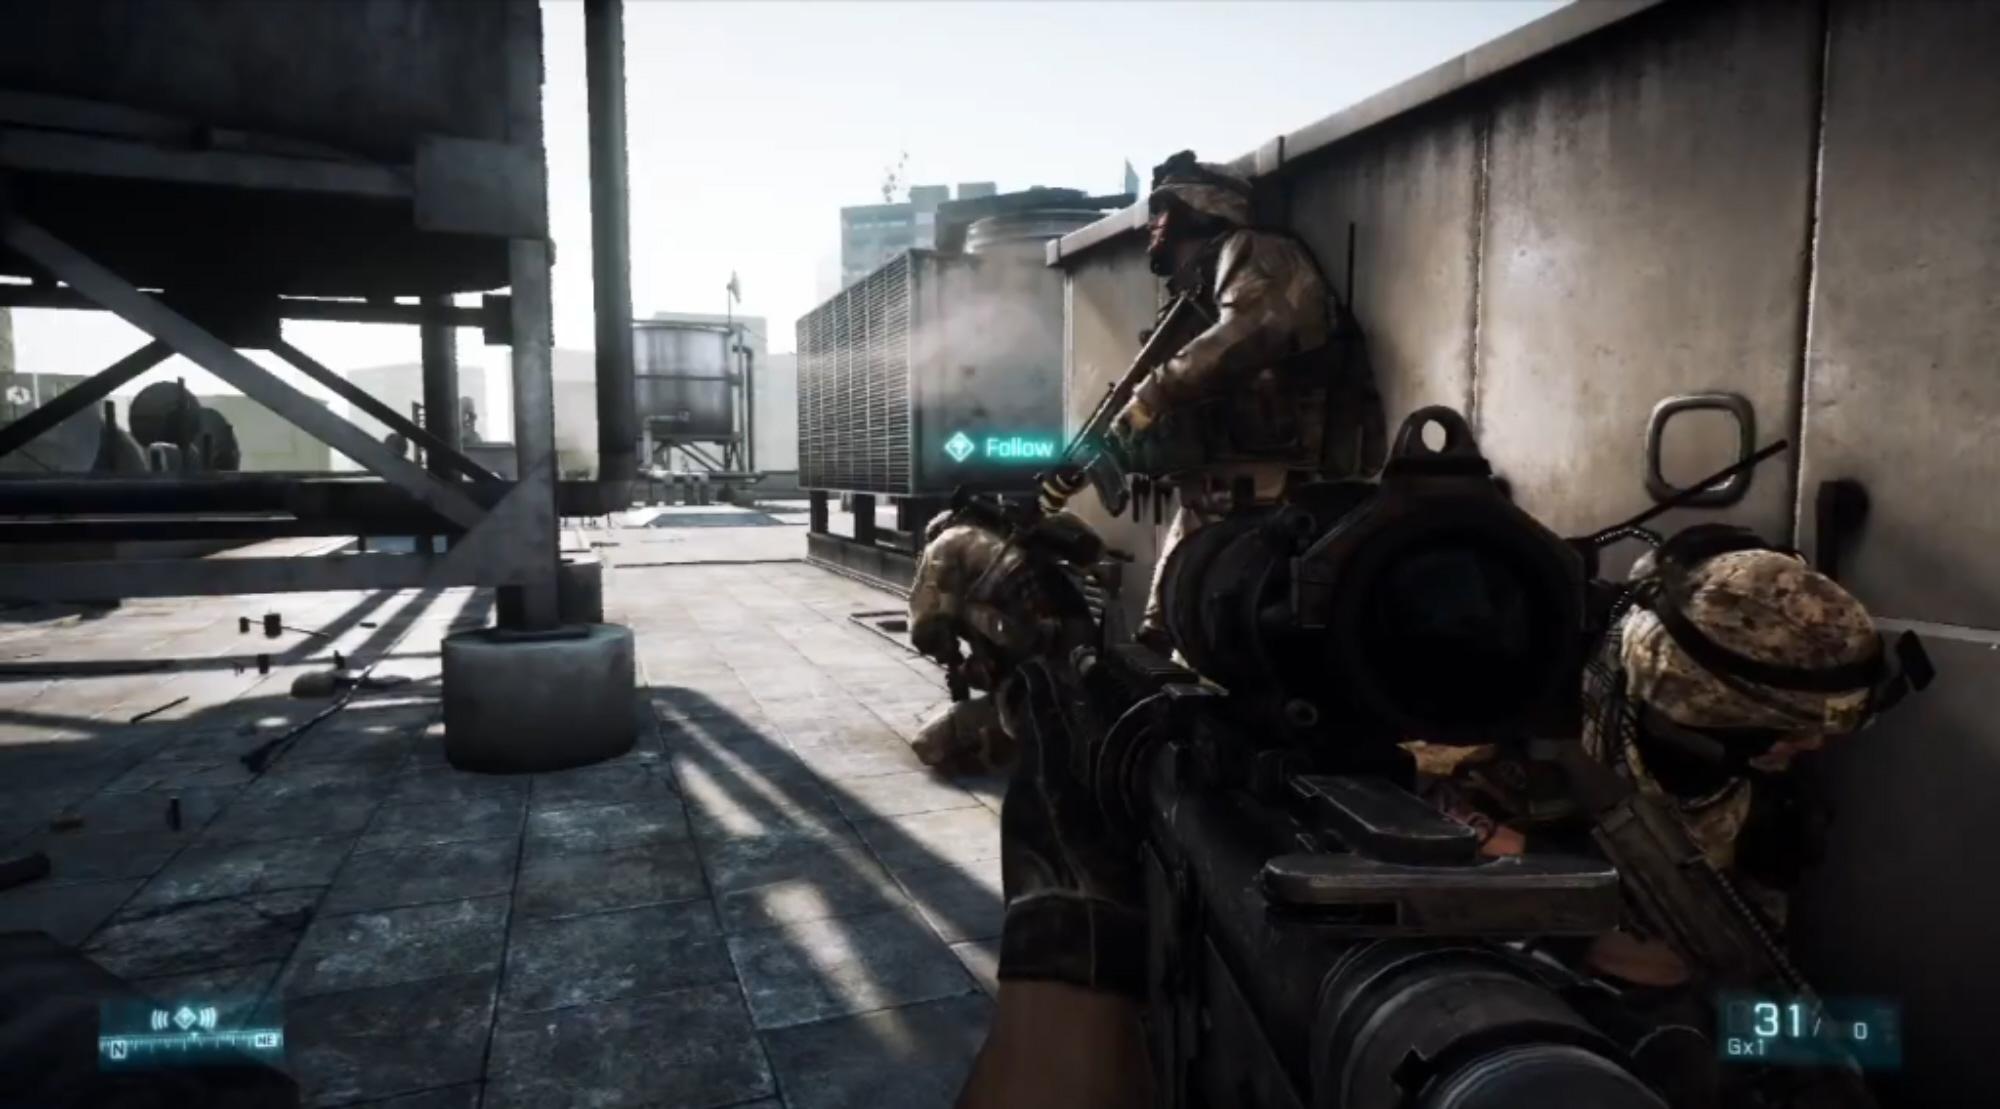 [Mi Subida]Battlefield 3[Pc][Full][MediaFire] - Taringa!